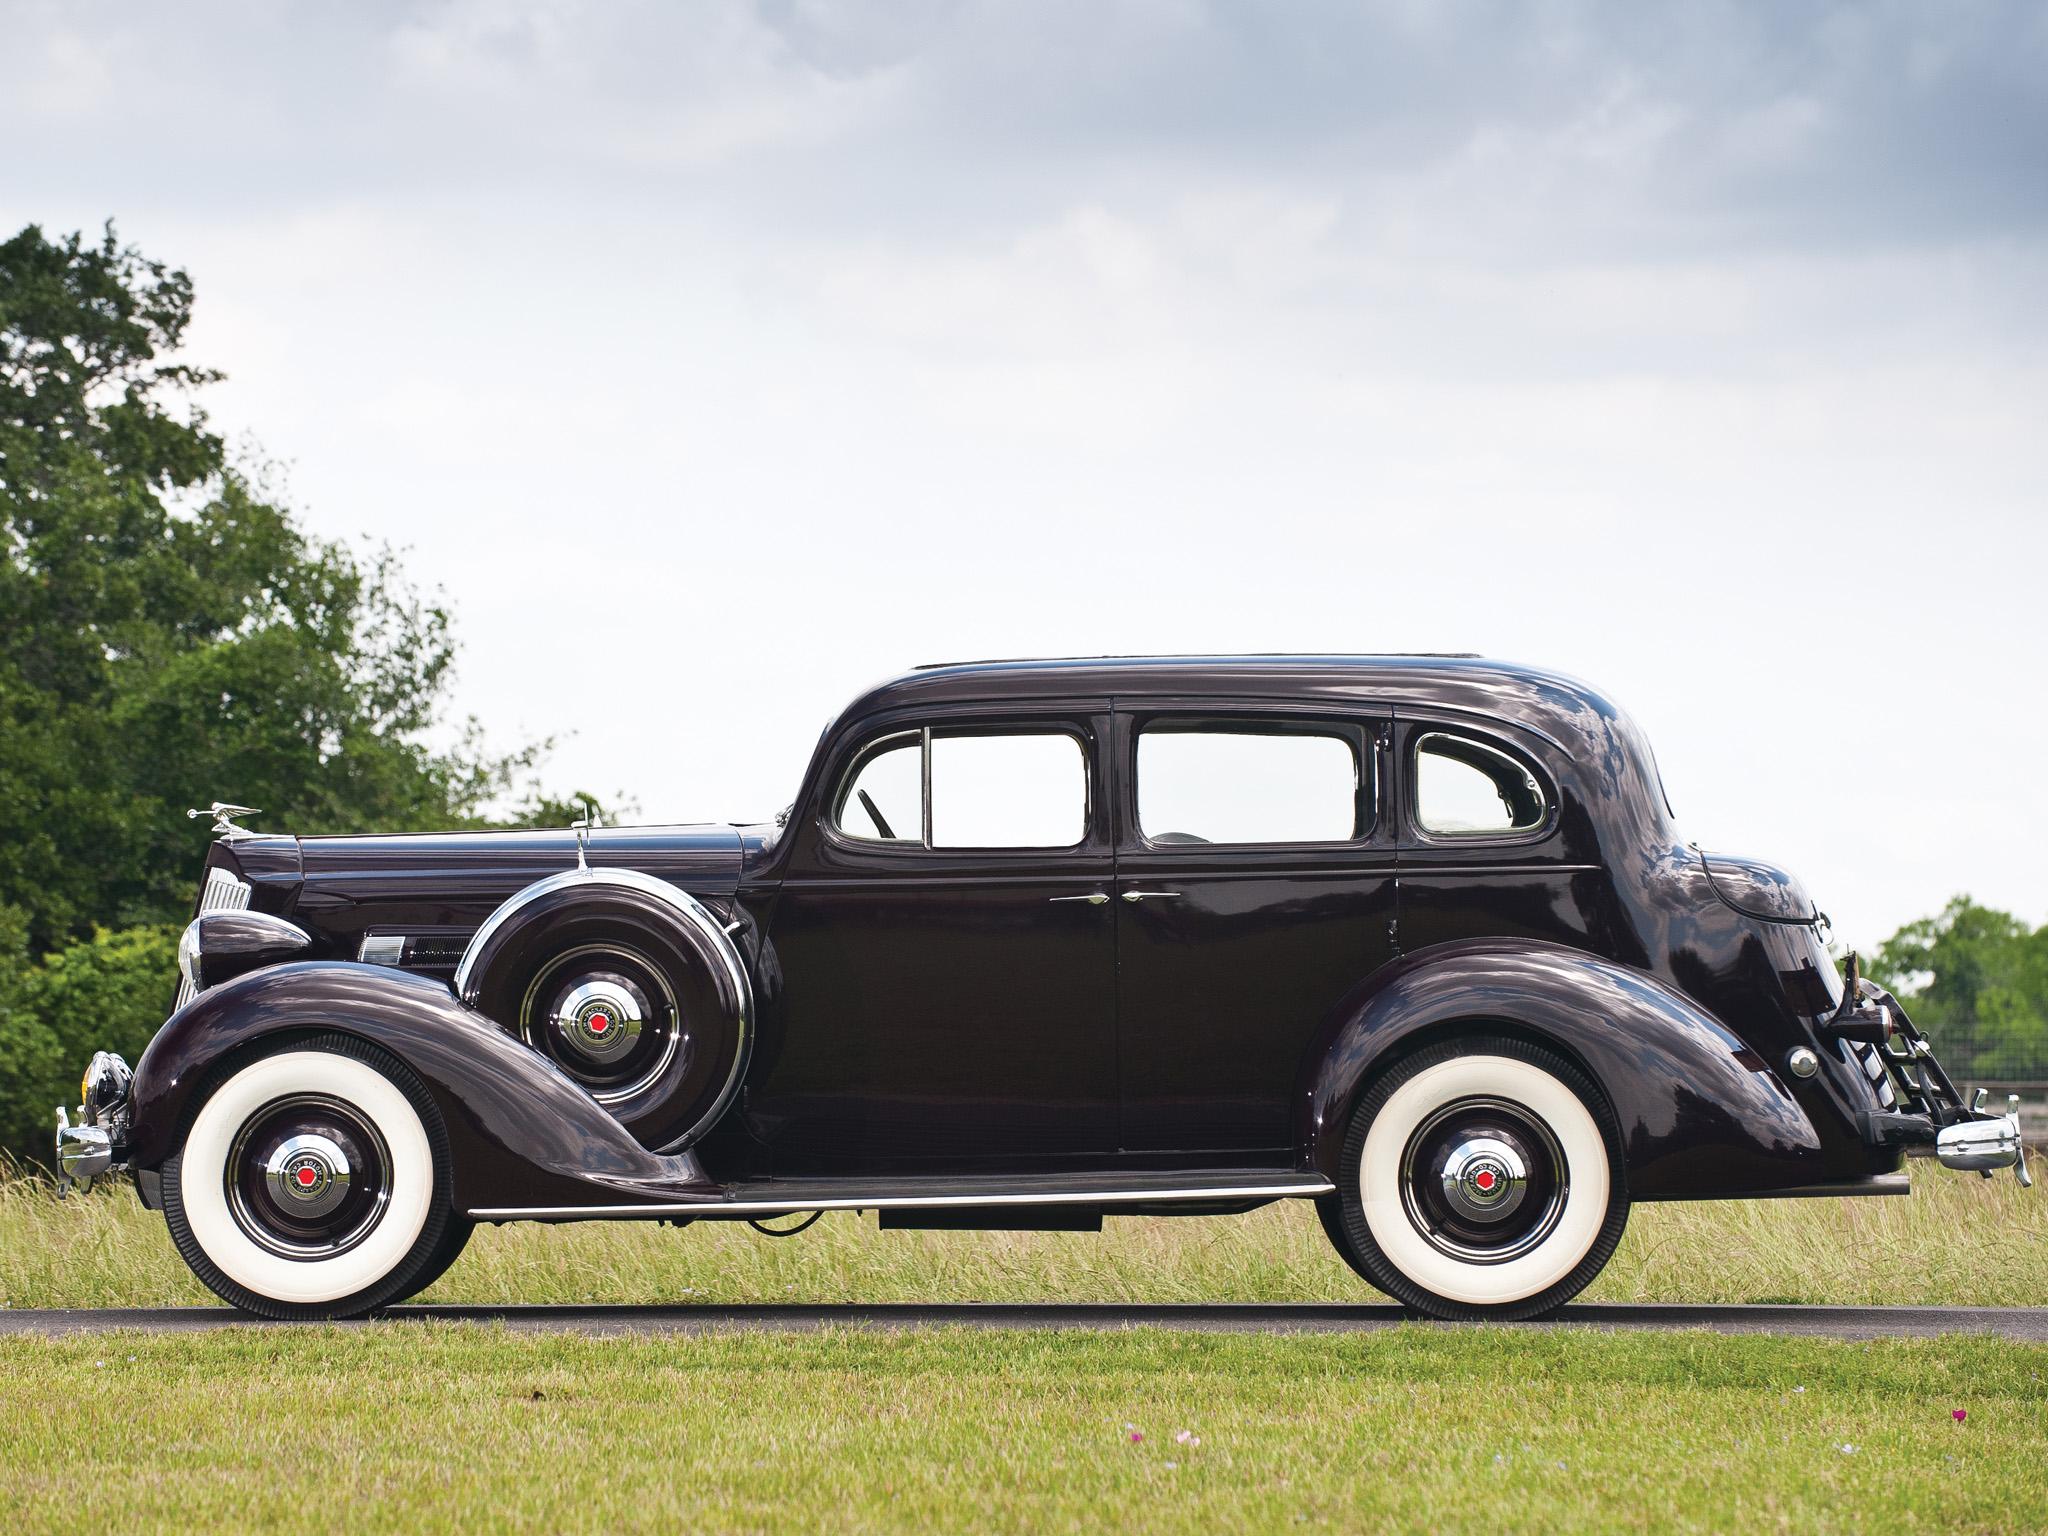 1936 Packard 120 Sedan Retro G Wallpaper 2048x1536